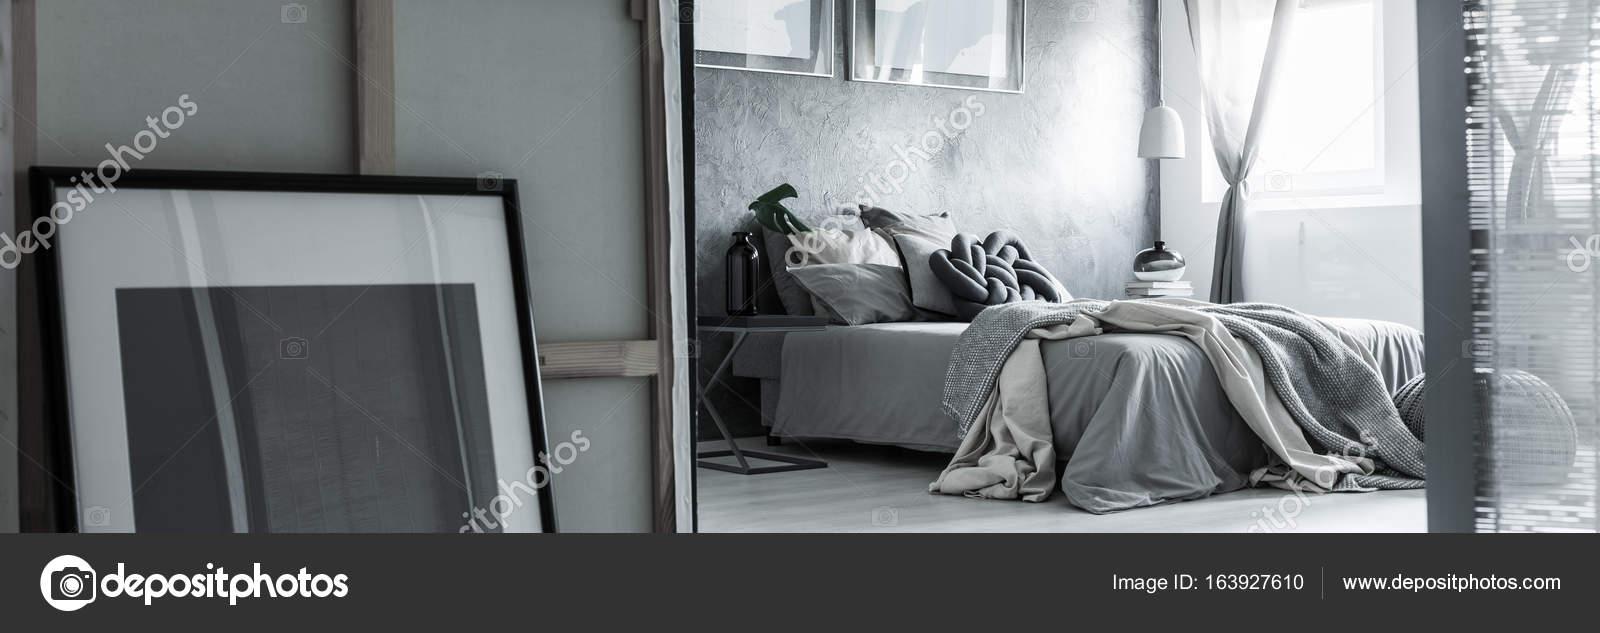 Graue Schlafzimmer Mit Chaos Auf Bett Am Fenster Und Zwei Bilder Oben U2014  Foto Von Photographee.eu